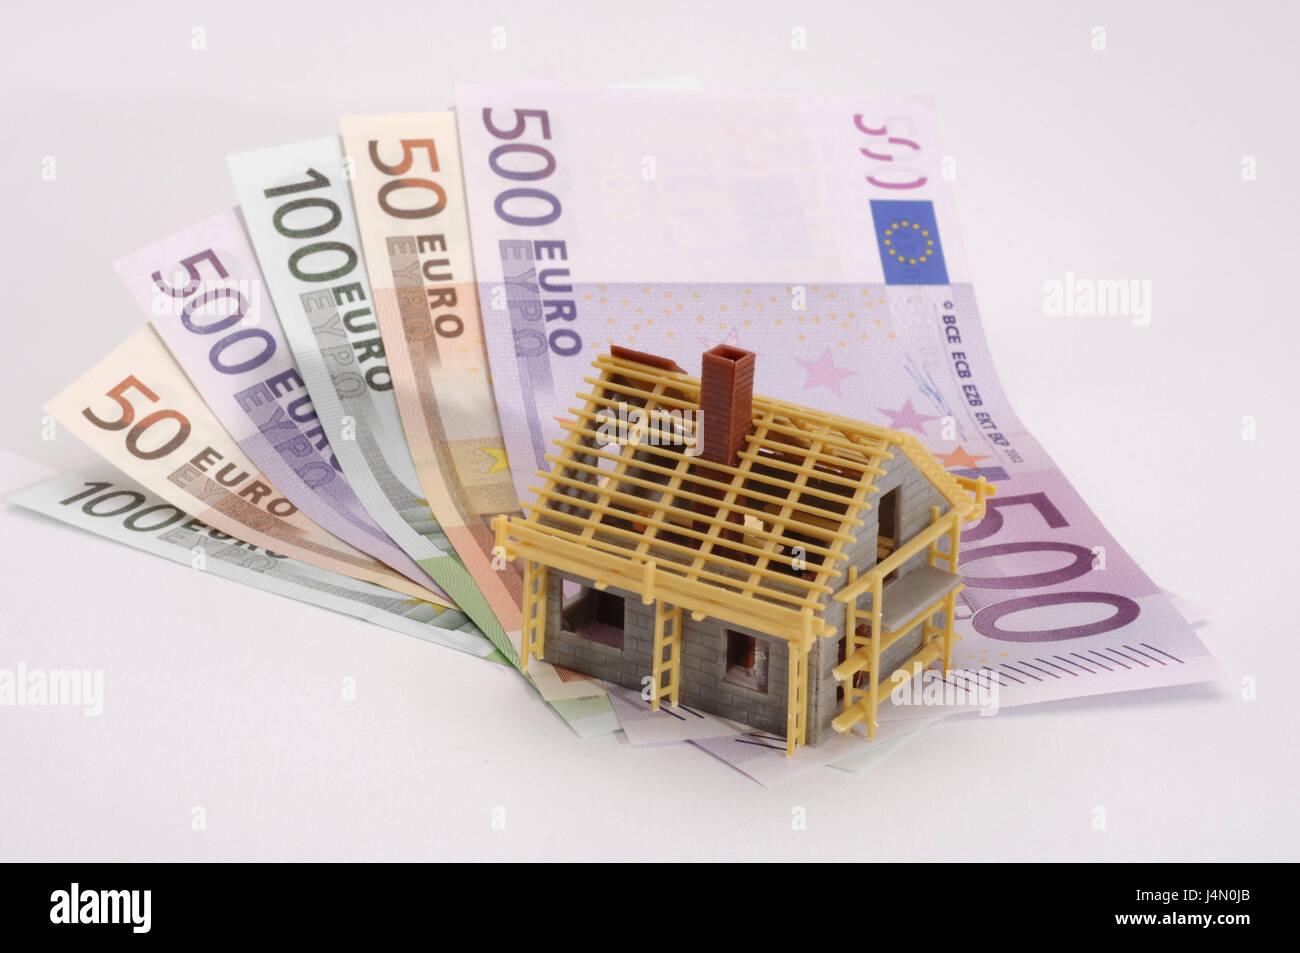 icon bau ein haus kosten finanzierung voraus haus modell modell shell baukosten bau. Black Bedroom Furniture Sets. Home Design Ideas